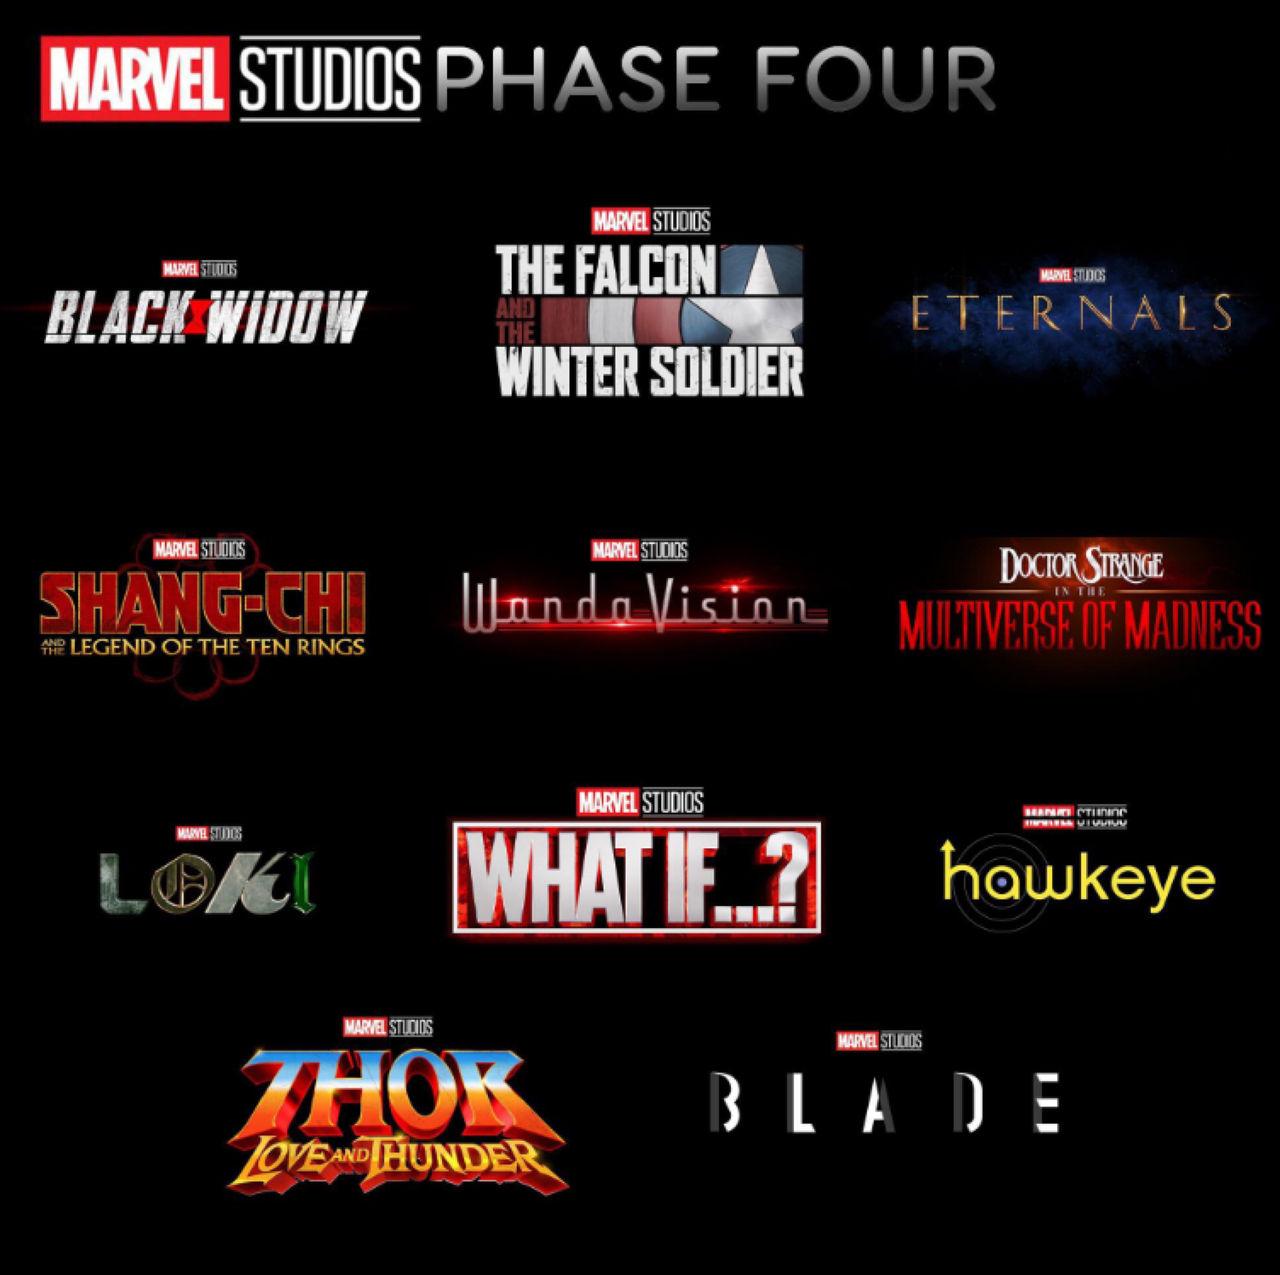 Det blir många Marvel-filmer de närmsta åren